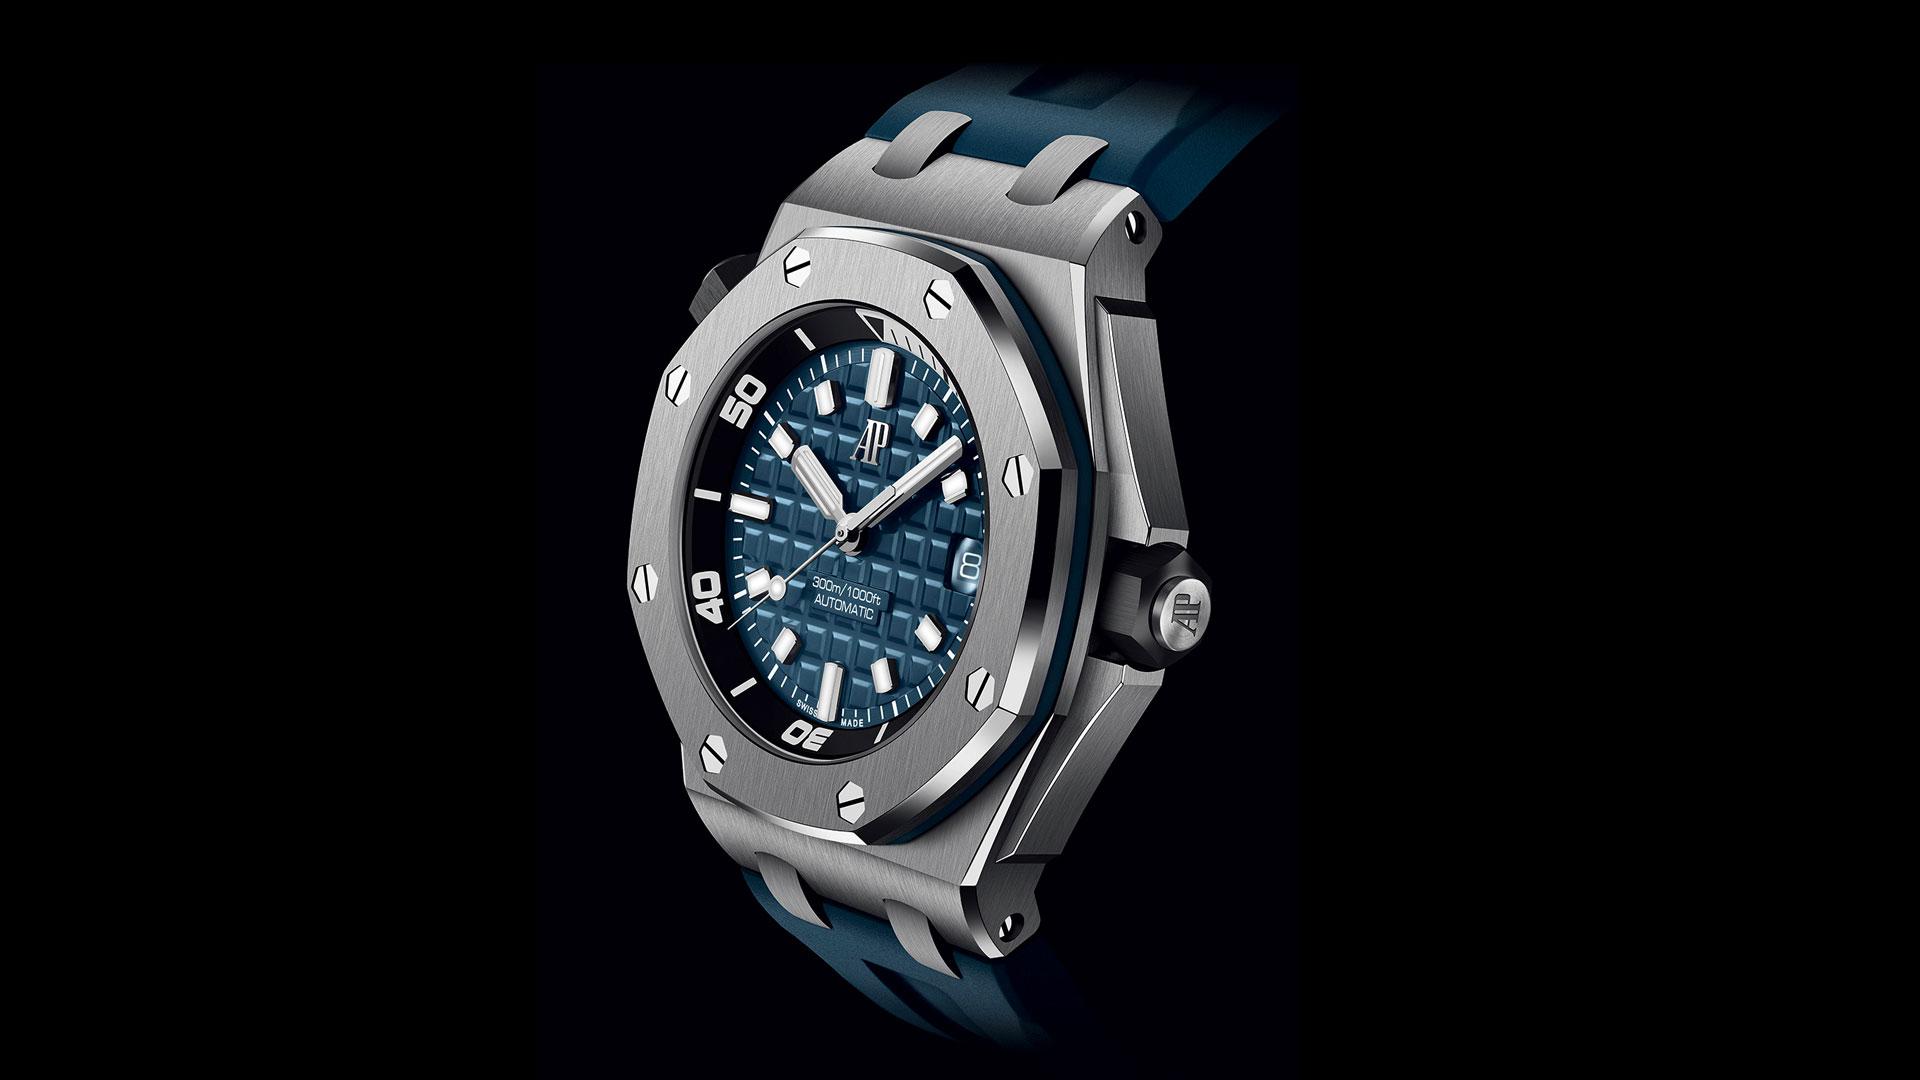 Audemars Piguet Royal Oak Offshore Diver 15720ST.OO.A027CA.01